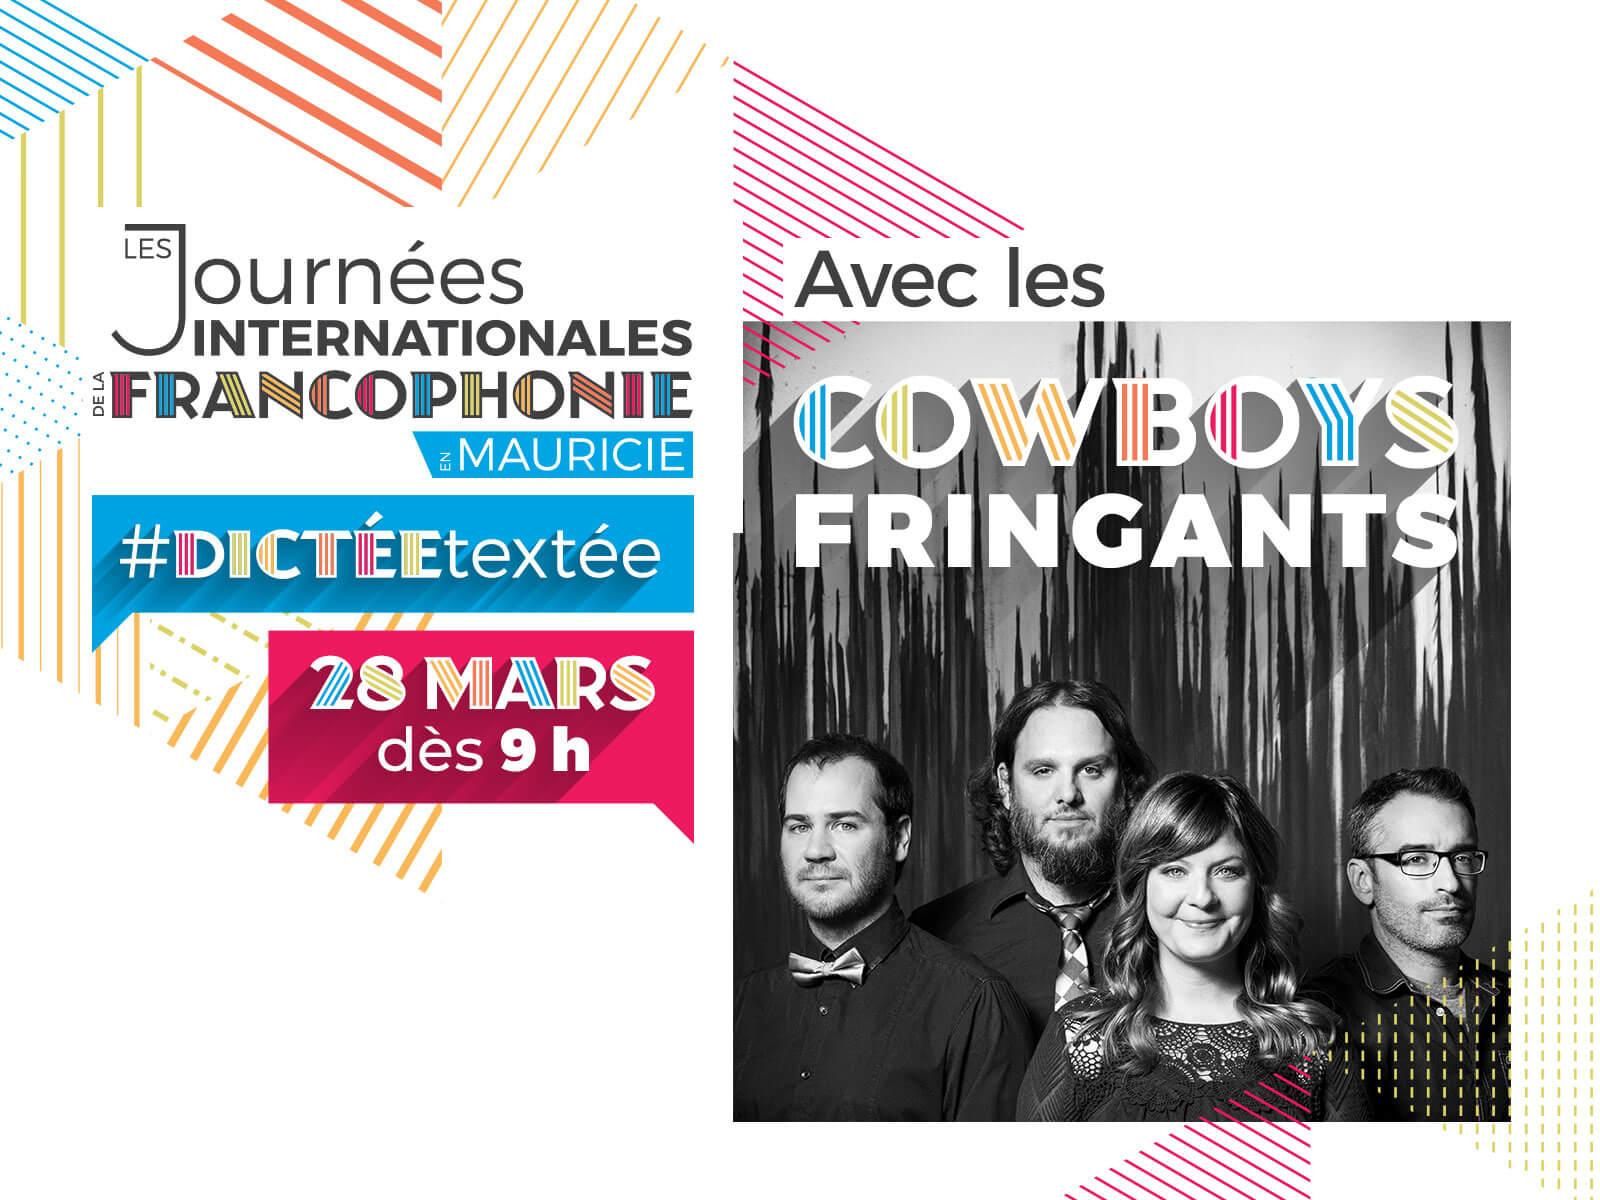 Place aux Journées internationales de la Francophonie en Mauricie